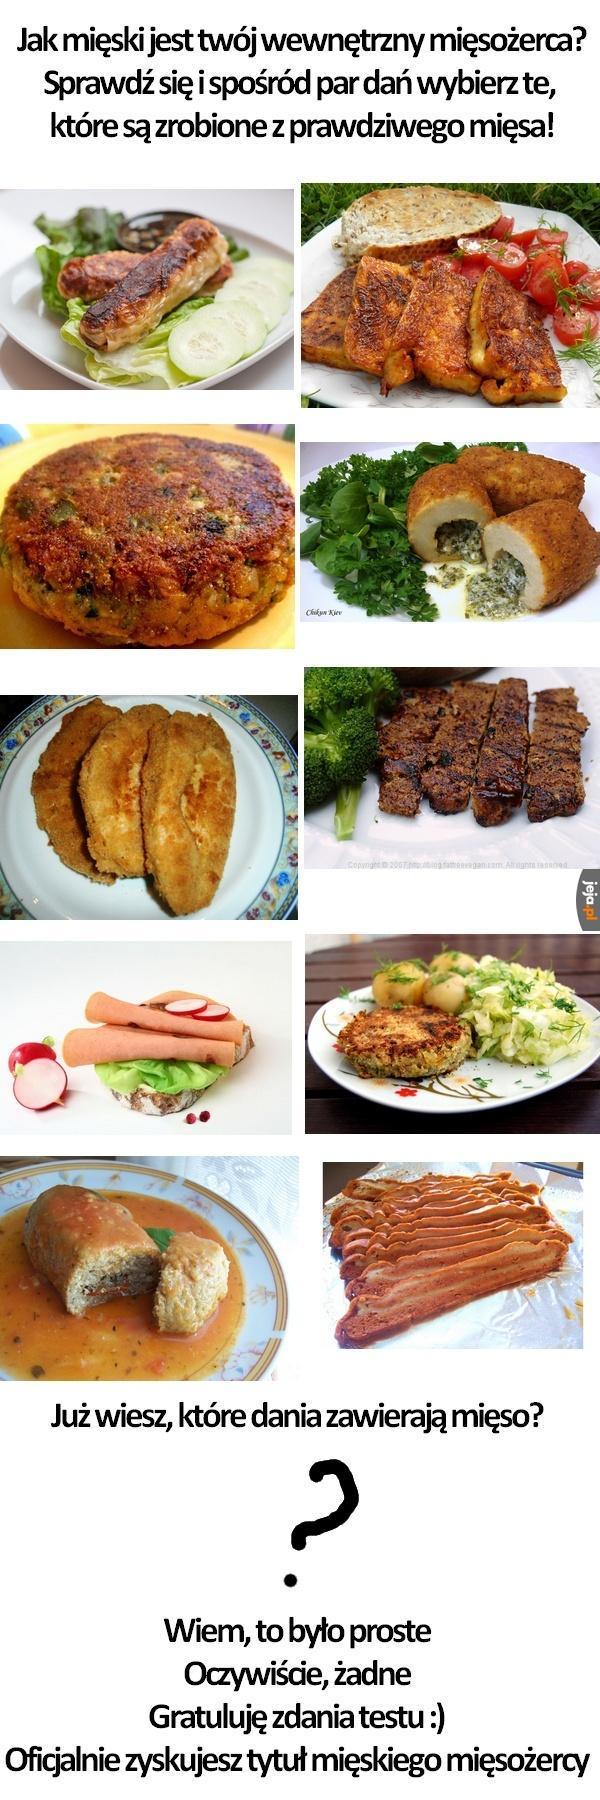 """Mięso czy """"wegemięso""""?"""